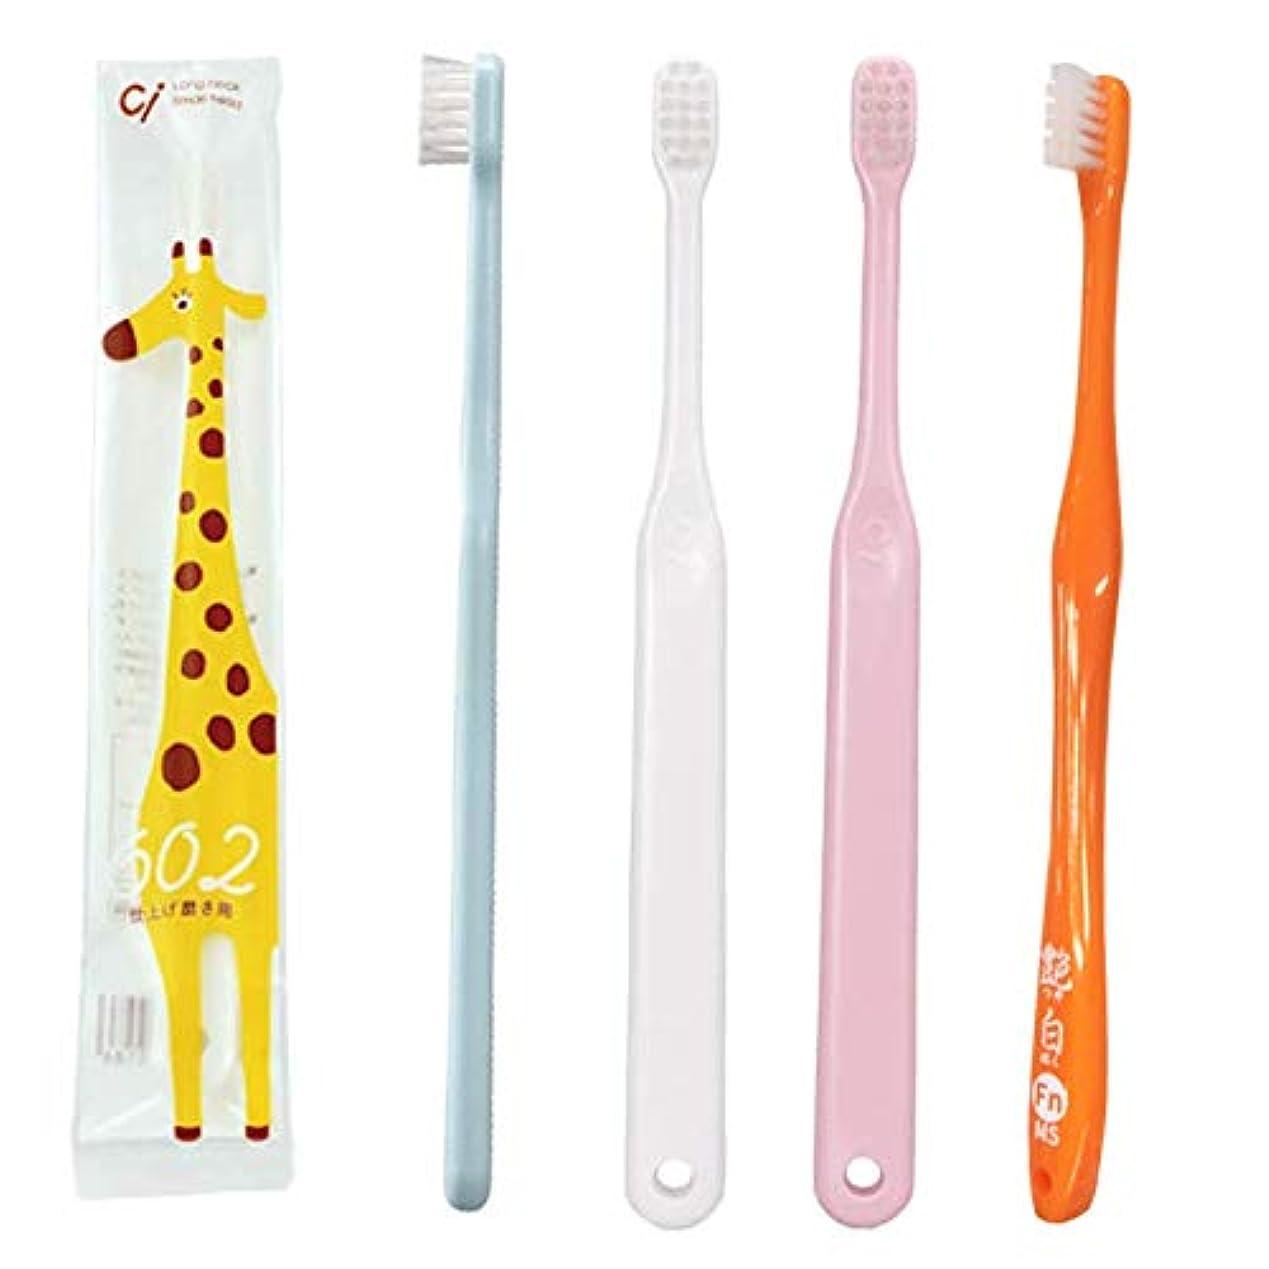 バドミントンパステルシーンCiメディカル 歯ブラシ Ci602 仕上げ磨き用 ×20本 + 艶白(つやはく) 仕上げ磨き用歯ブラシ ×1本 日本製 歯科専売品